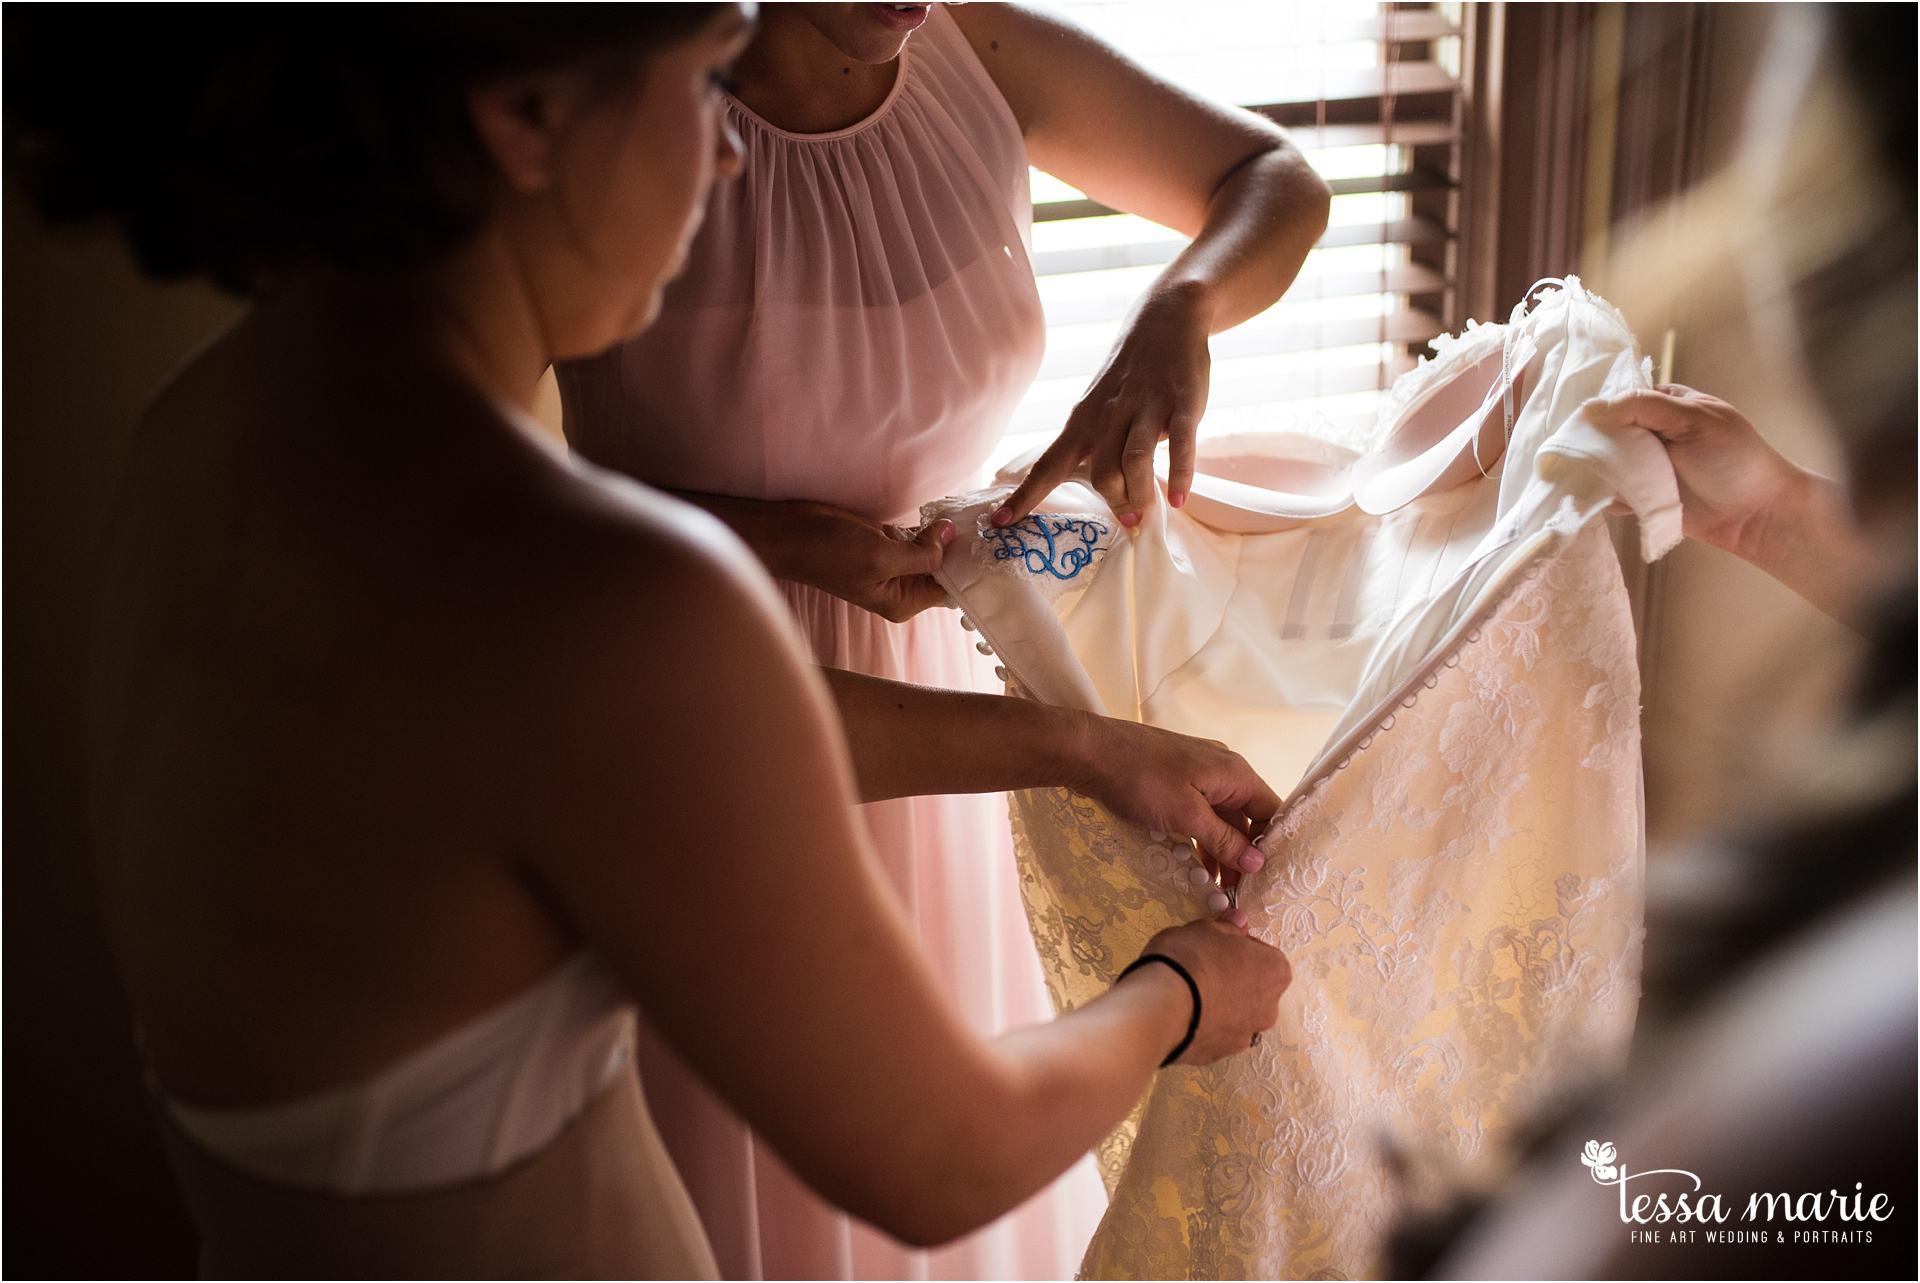 032216_brittany_kevin_wedding-12